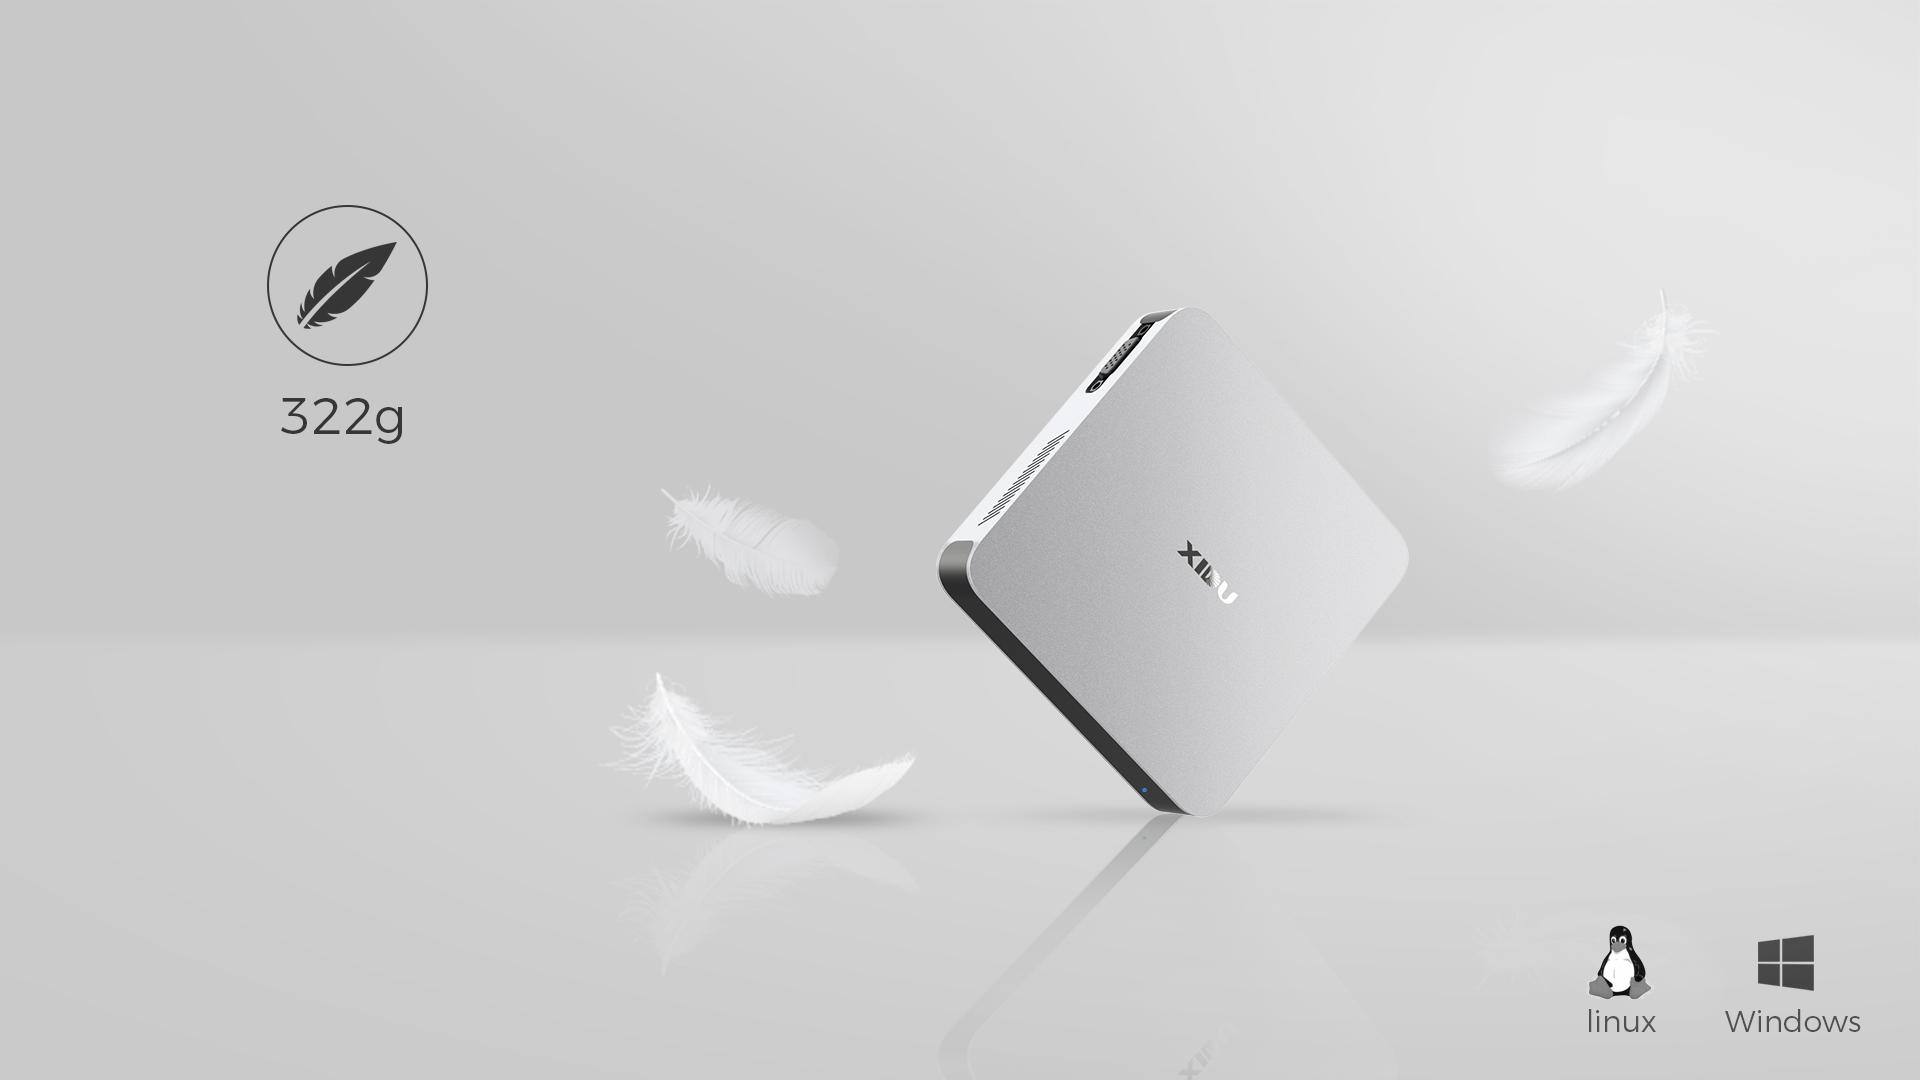 PhilMac od XIDU nabízí velmi malé tělo a výkonné komponenty [sponzorovaný článek]